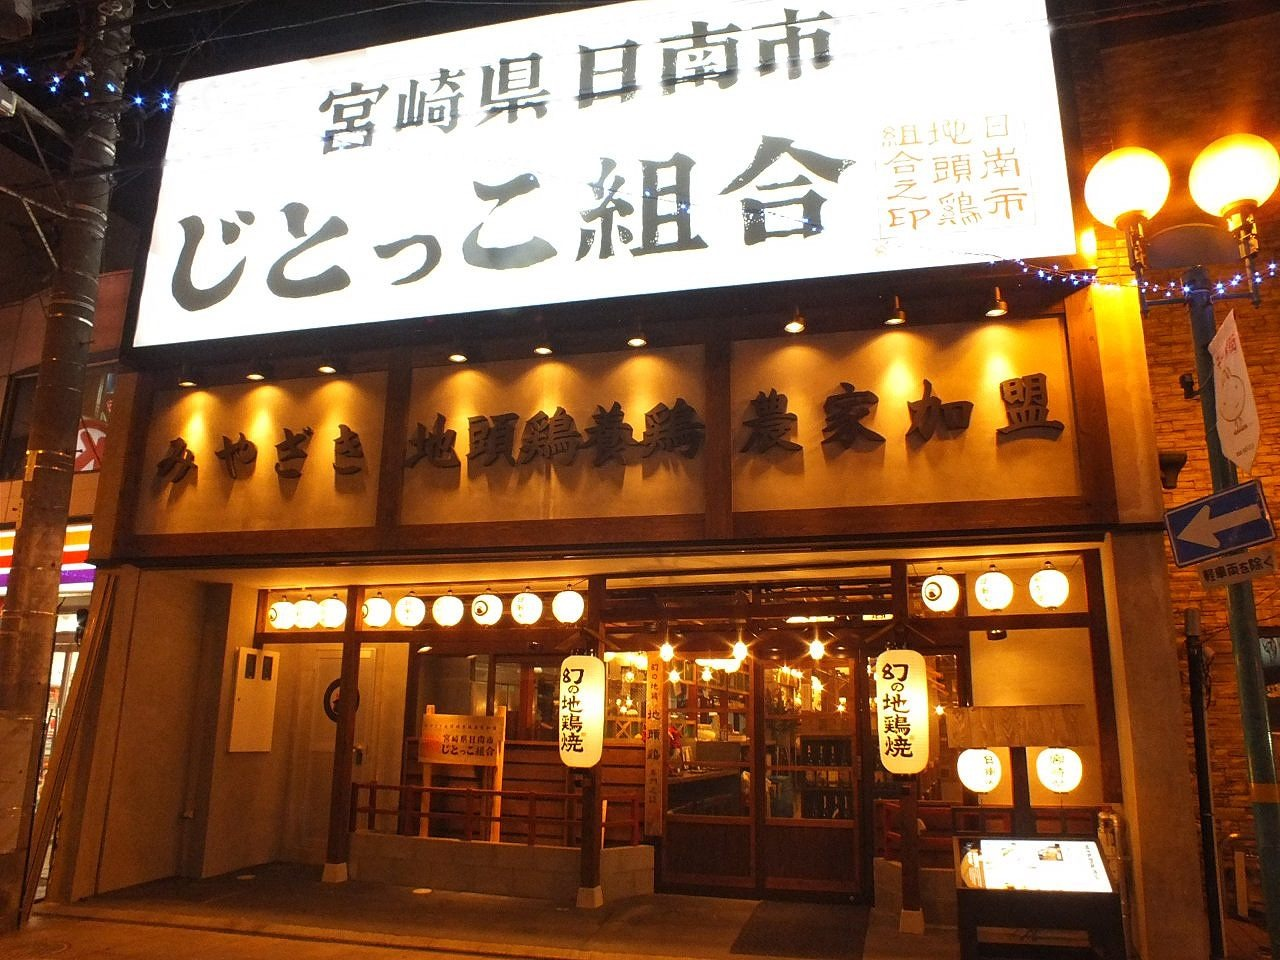 宮崎県日南市 じとっこ組合 浜松モール街店